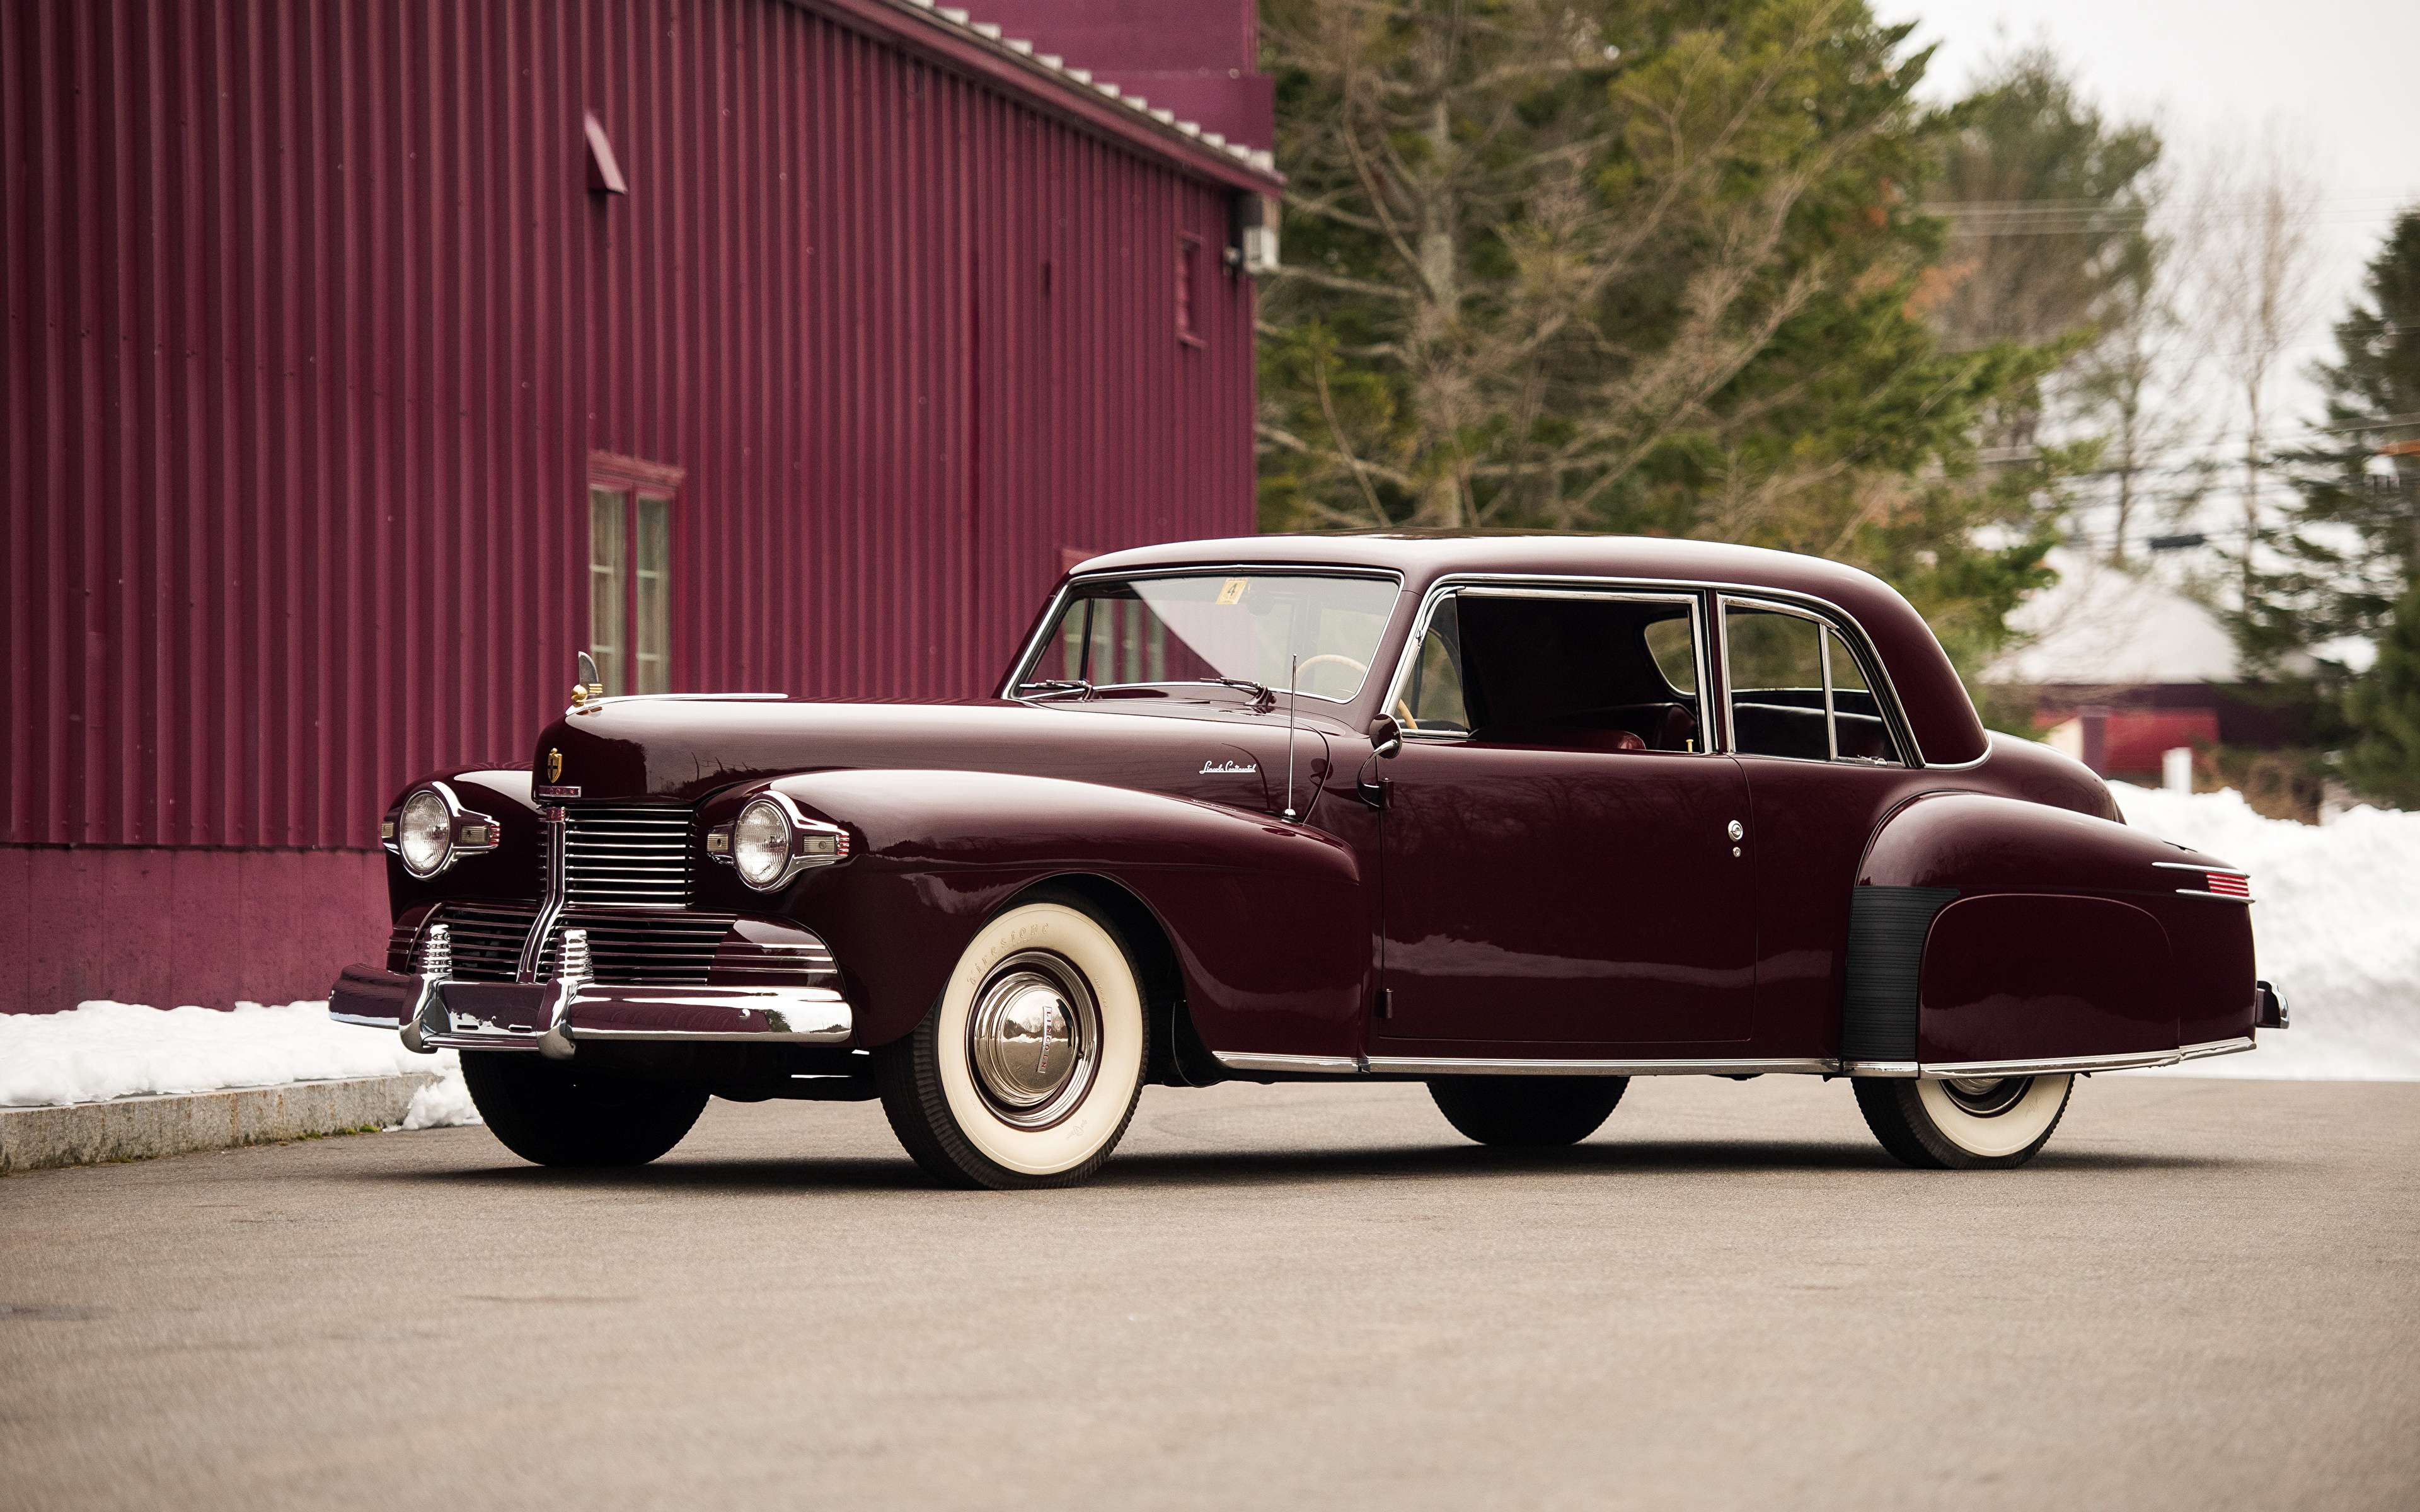 Картинка Lincoln 1942 Continental Coupe бордовая старинные авто Металлик 3840x2400 Ретро Винтаж бордовые Бордовый темно красный машина машины автомобиль Автомобили